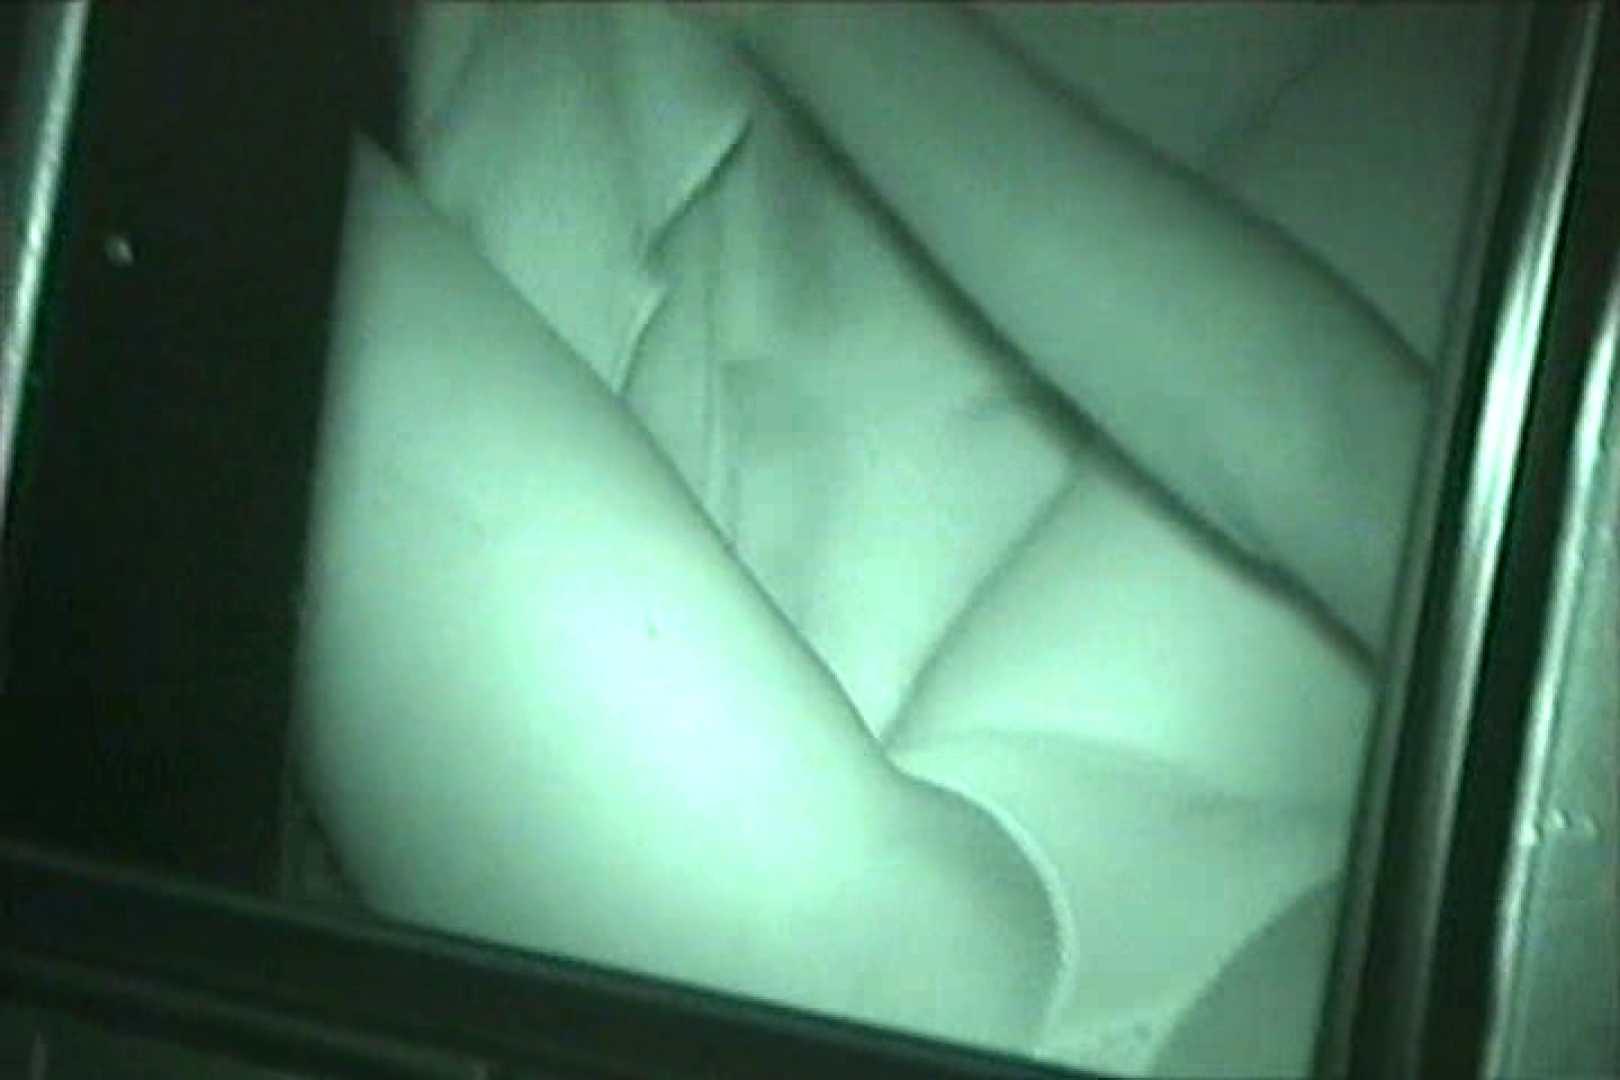 車の中はラブホテル 無修正版  Vol.25 カーセックス われめAV動画紹介 103PIX 53